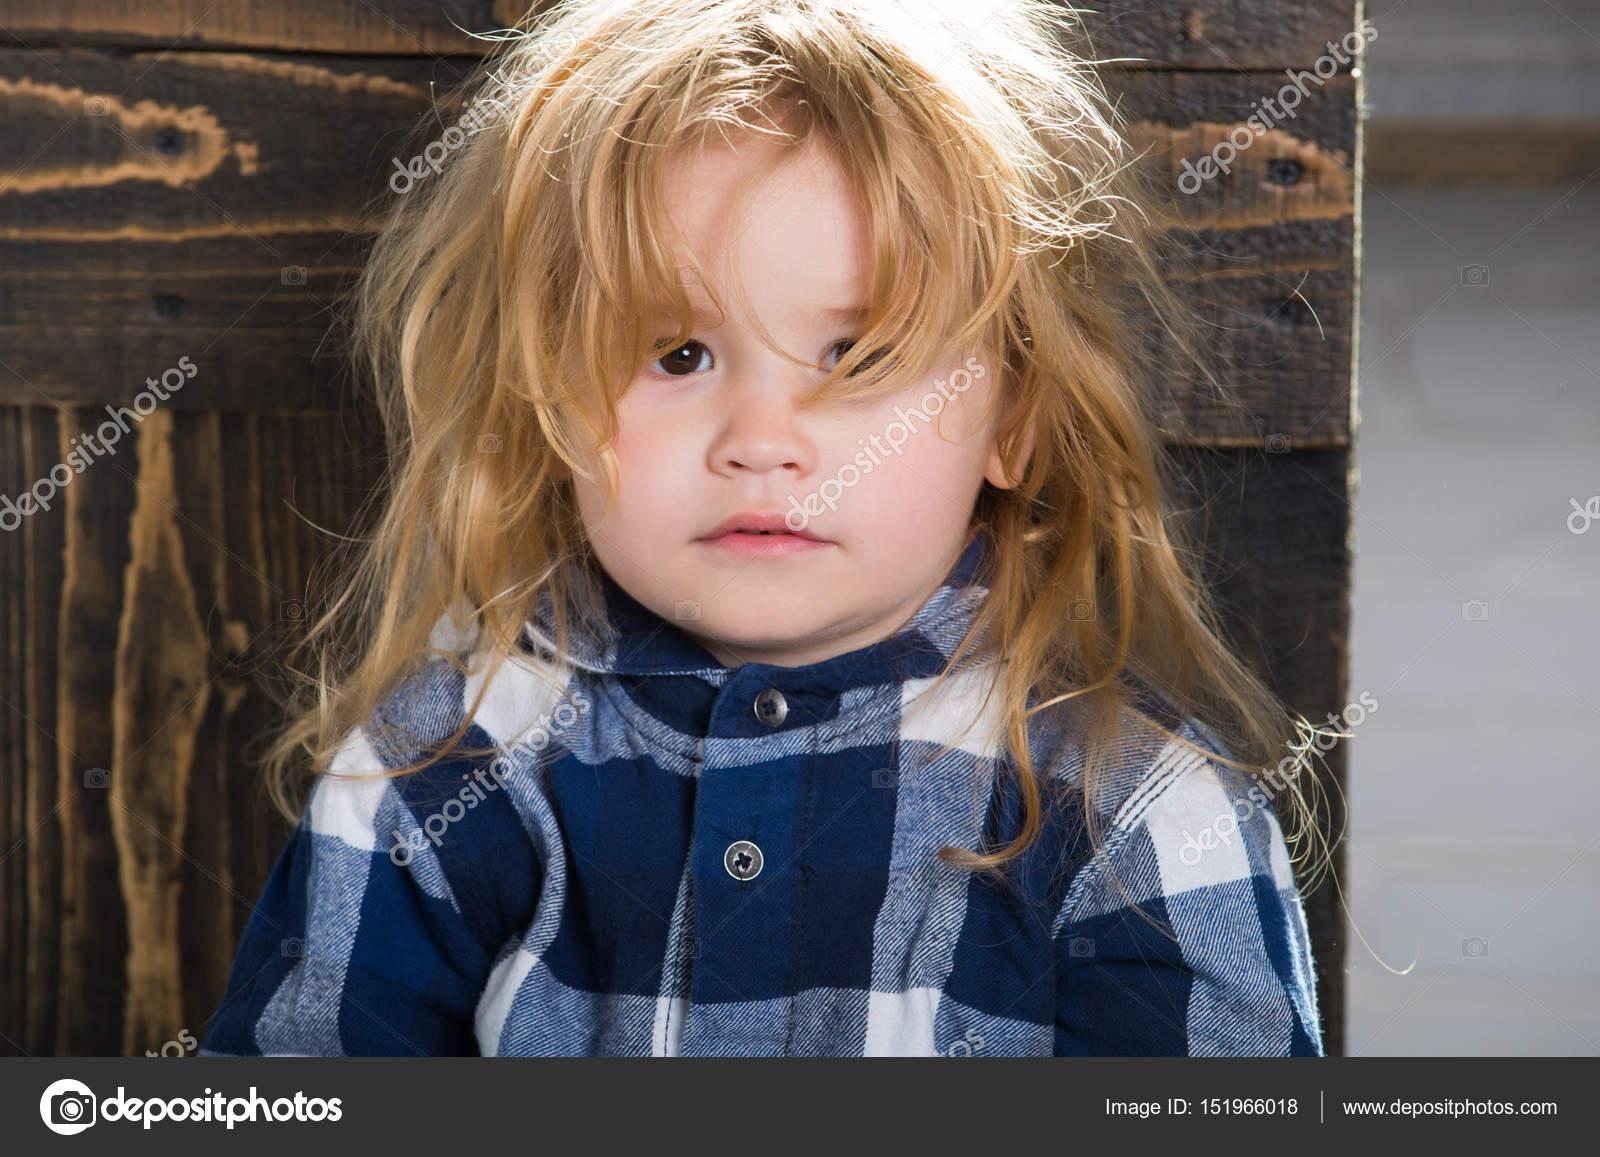 Niedliche Kleine Junge Mit Blonden Haaren In Blau Kariertes Hemd